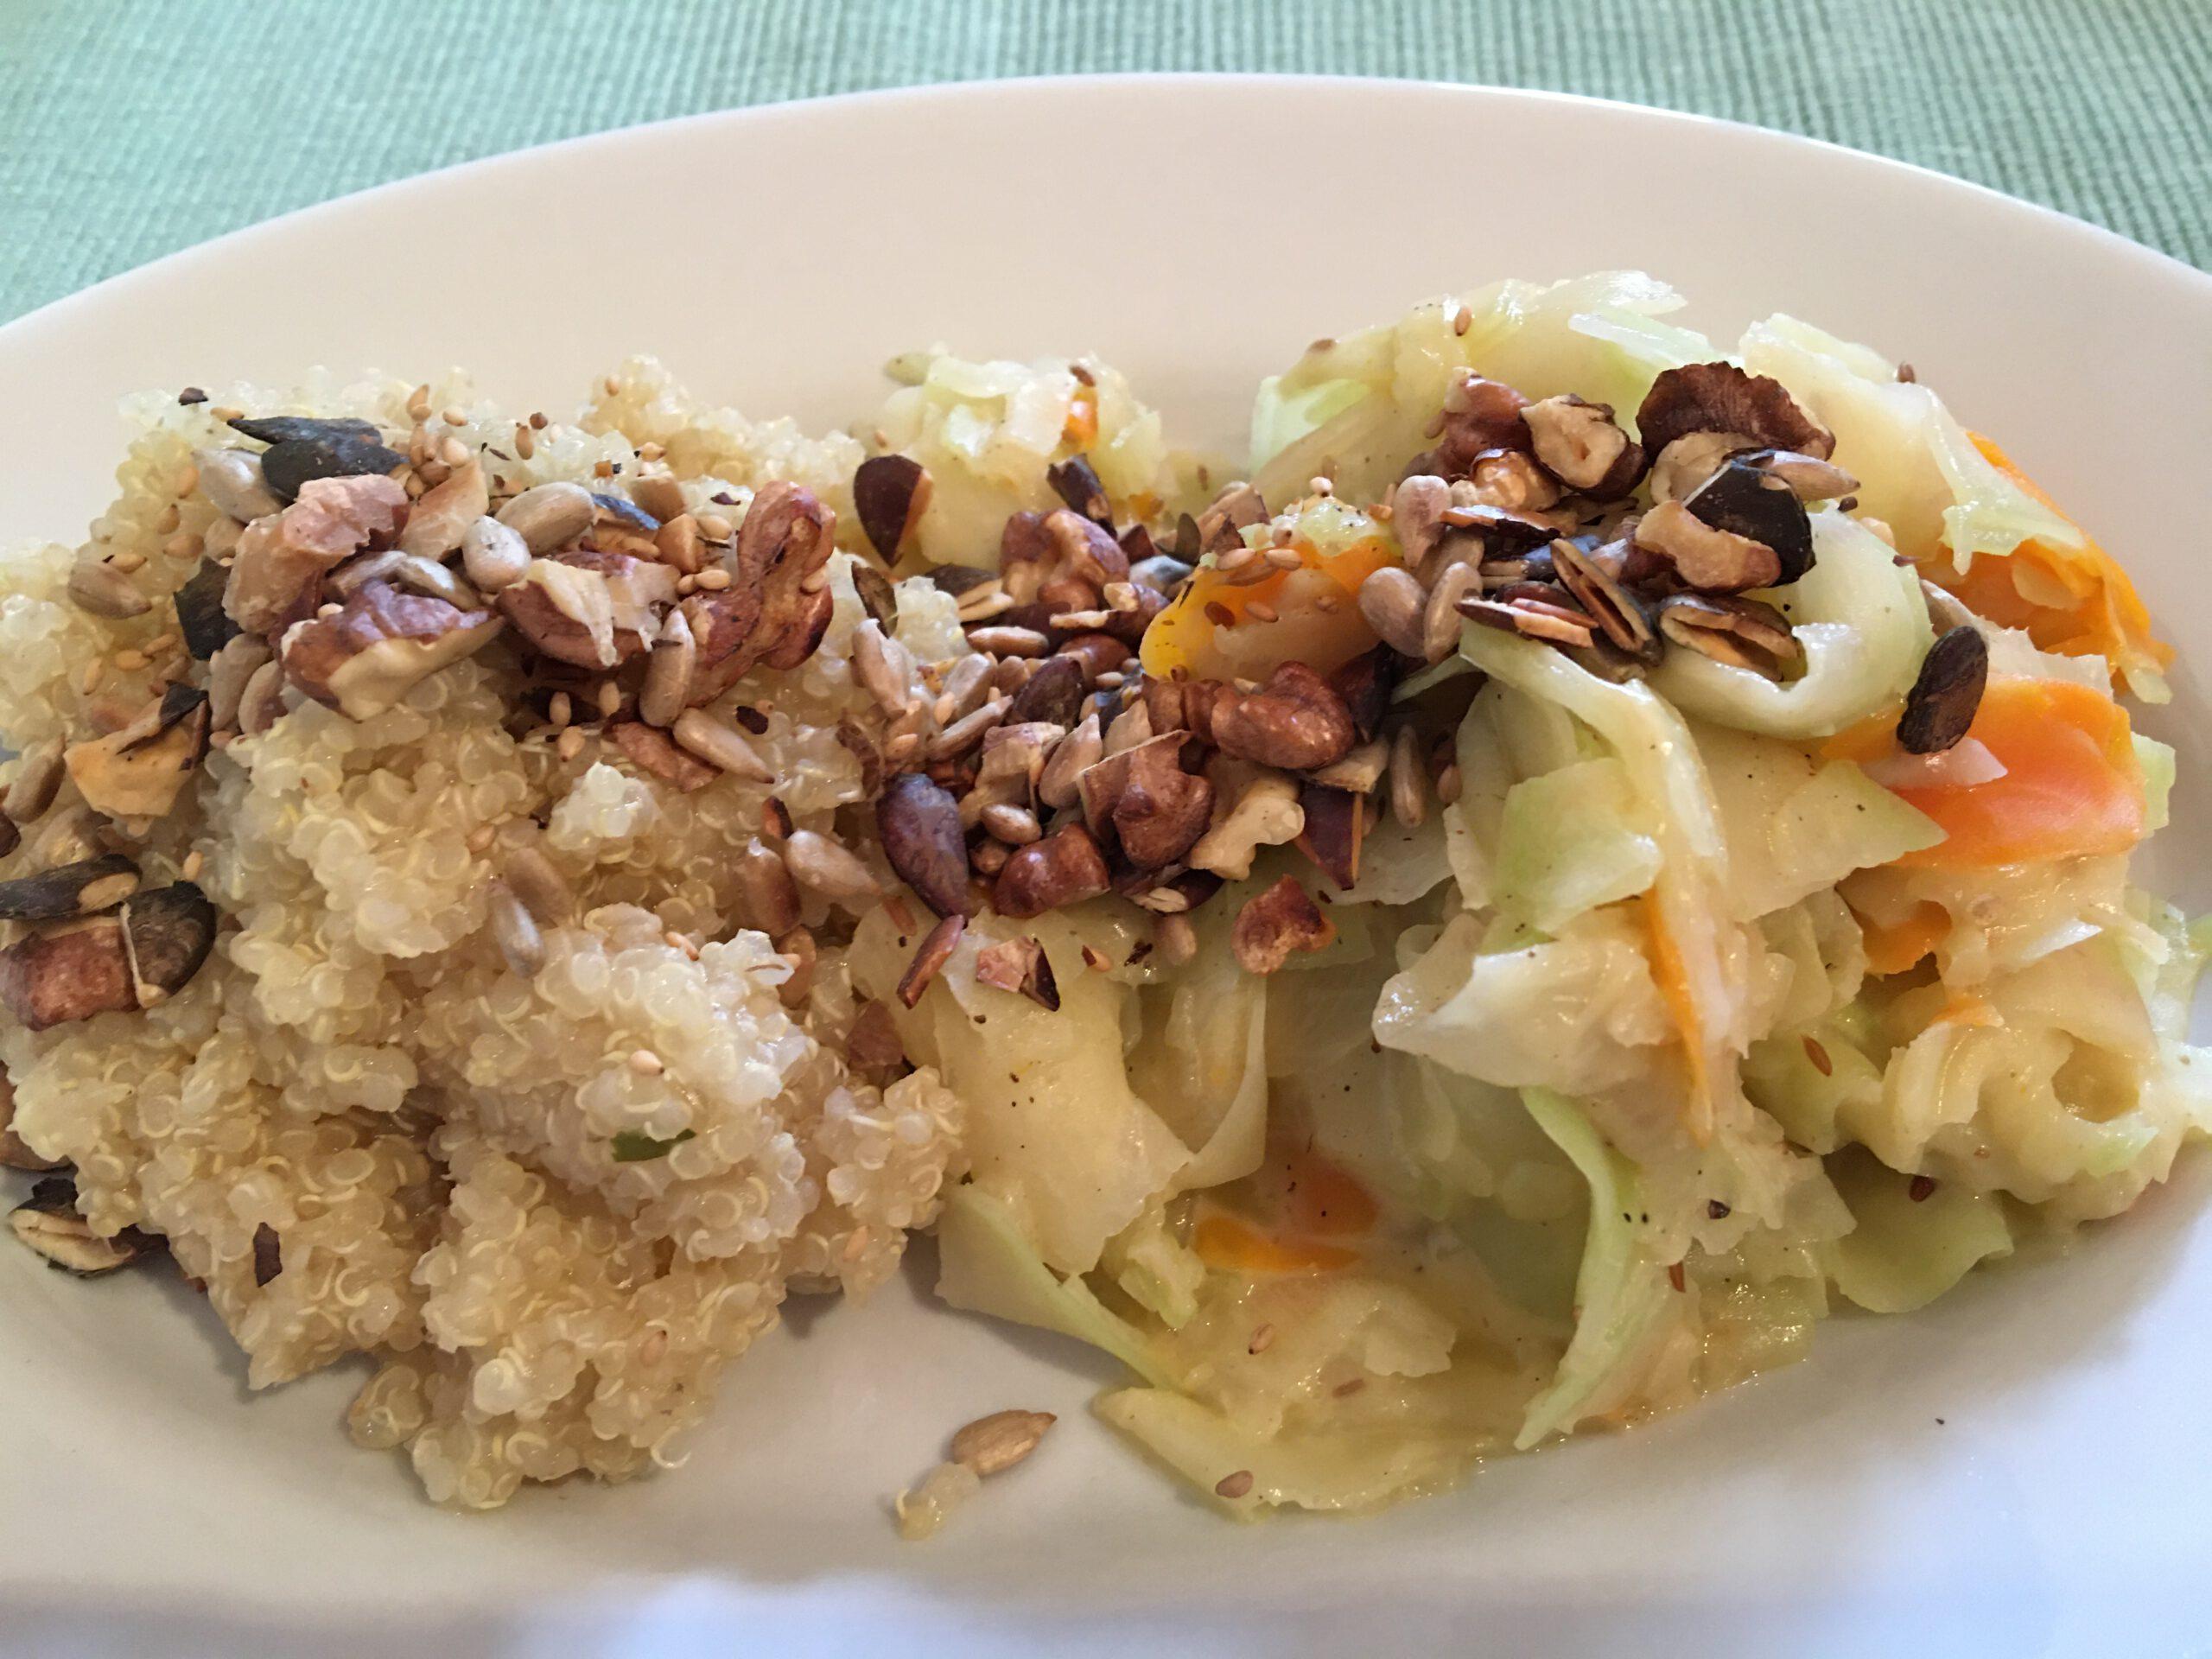 Kohlrabigemüse mit Quinoa